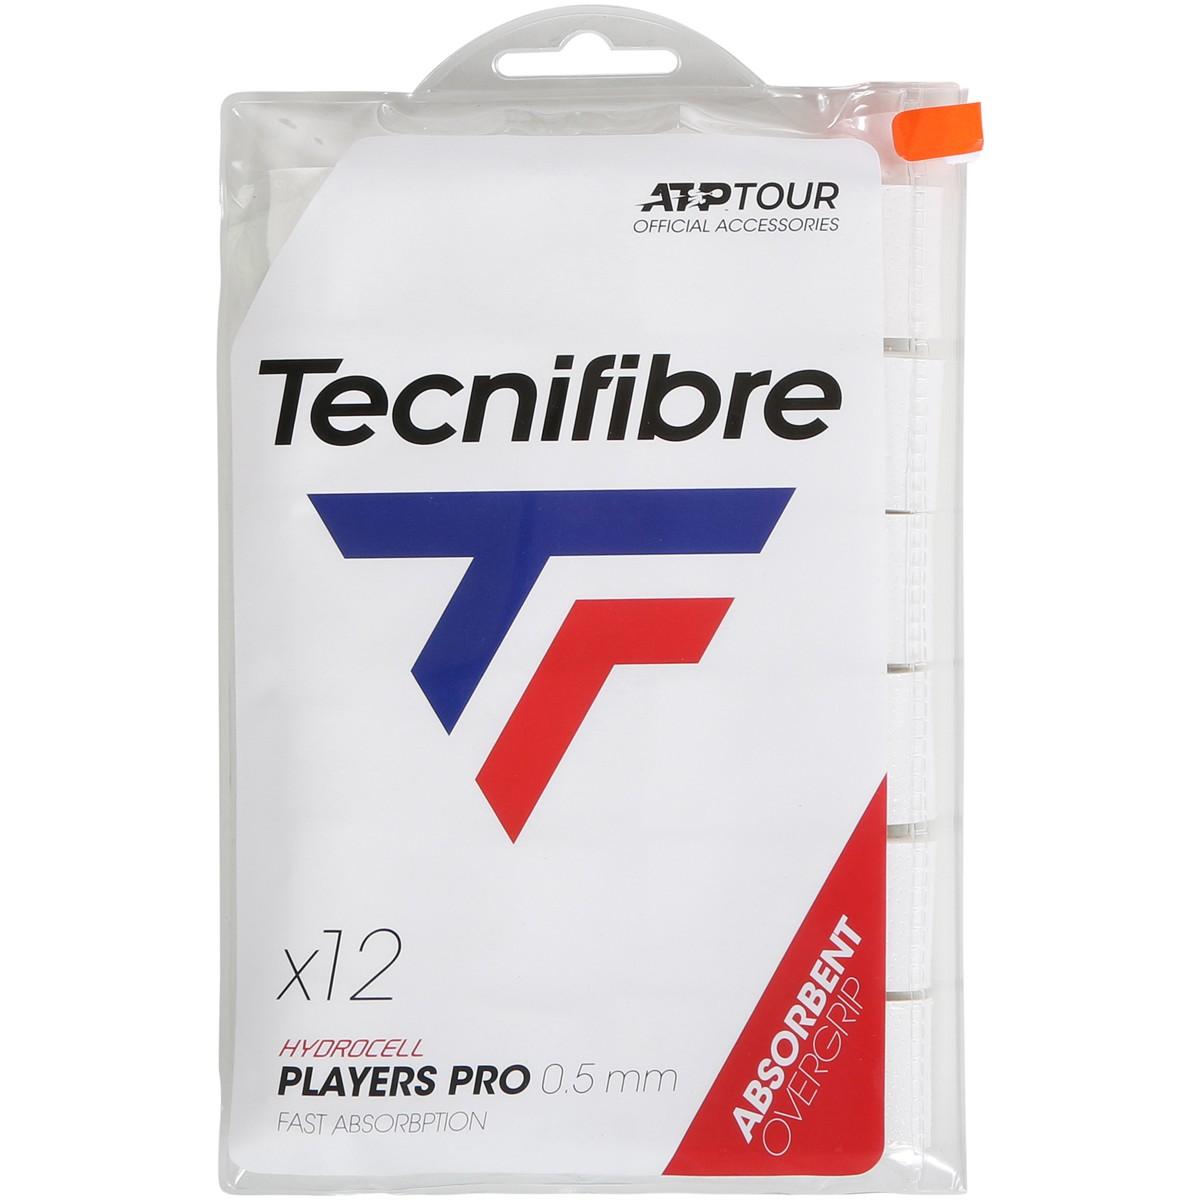 12 SURGRIPS TECNIFIBRE PRO PLAYERS ATP